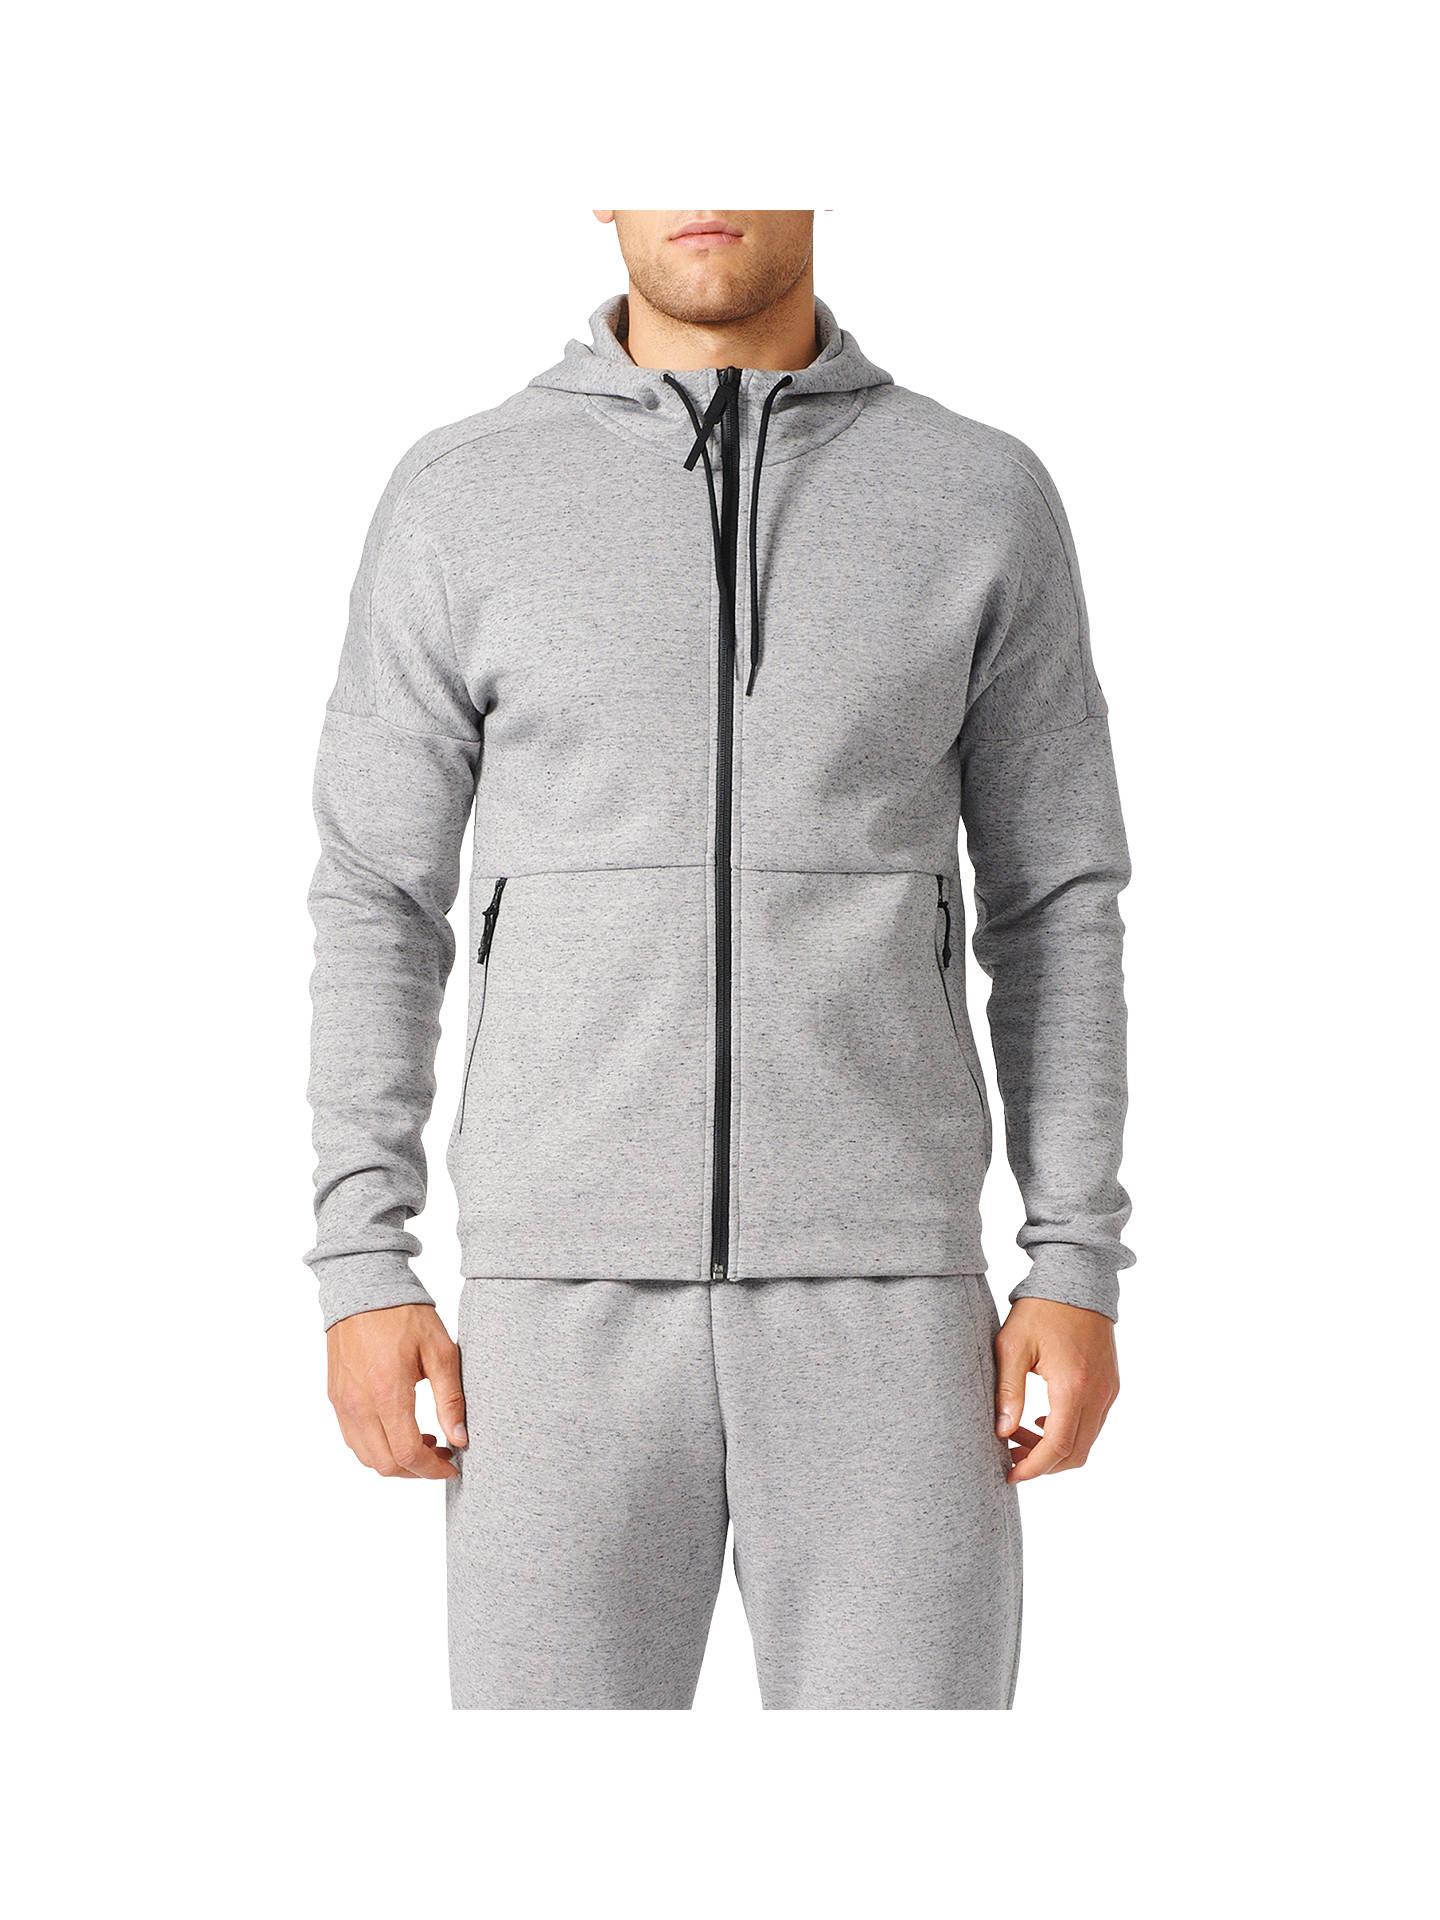 adidas ID Stadium Hoodie Jacket at John Lewis & Partners